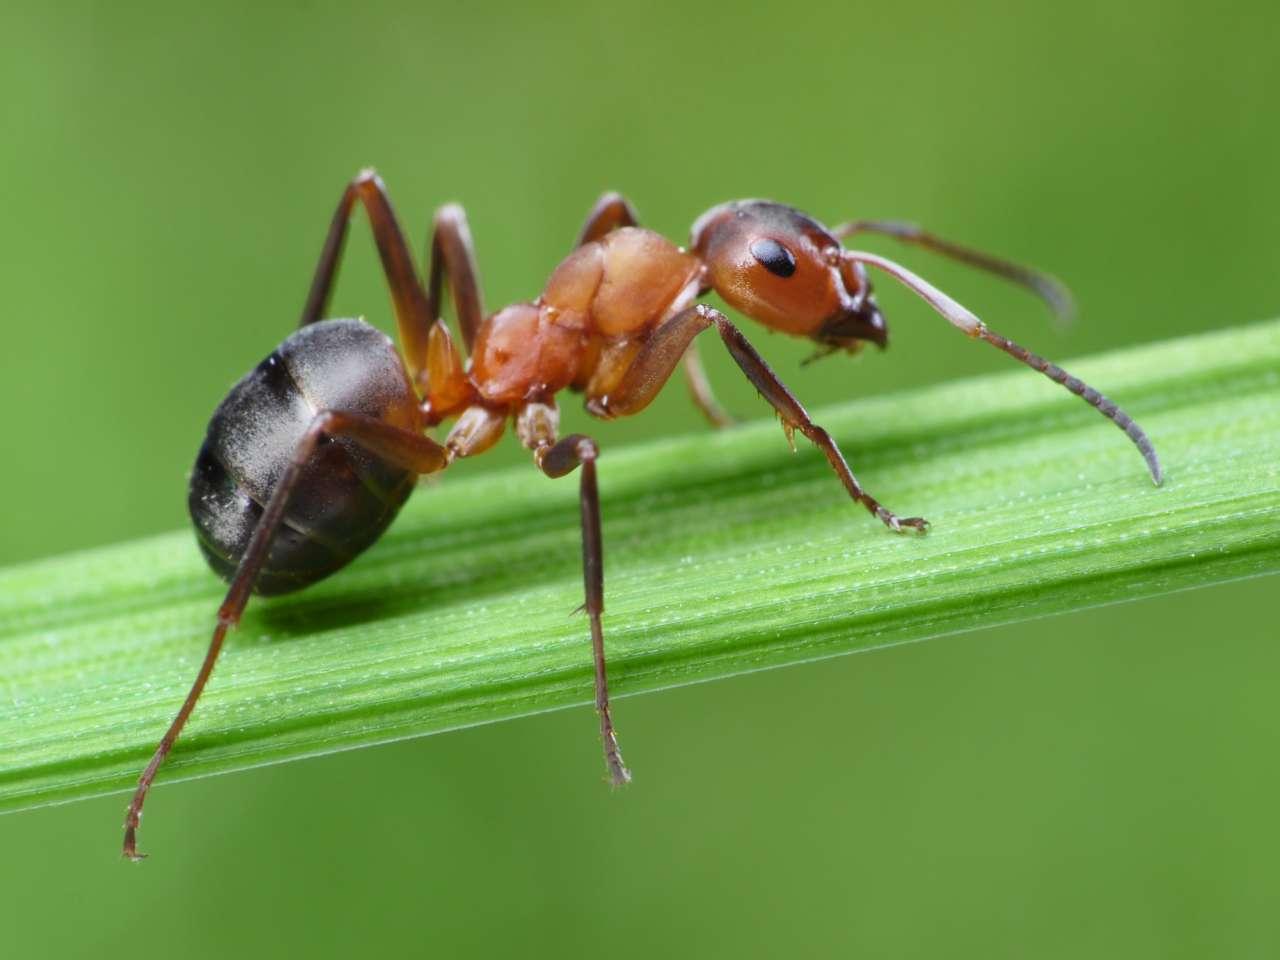 Удаление нежелательных волос с помощью муравьиного масла, кислоты и спирта